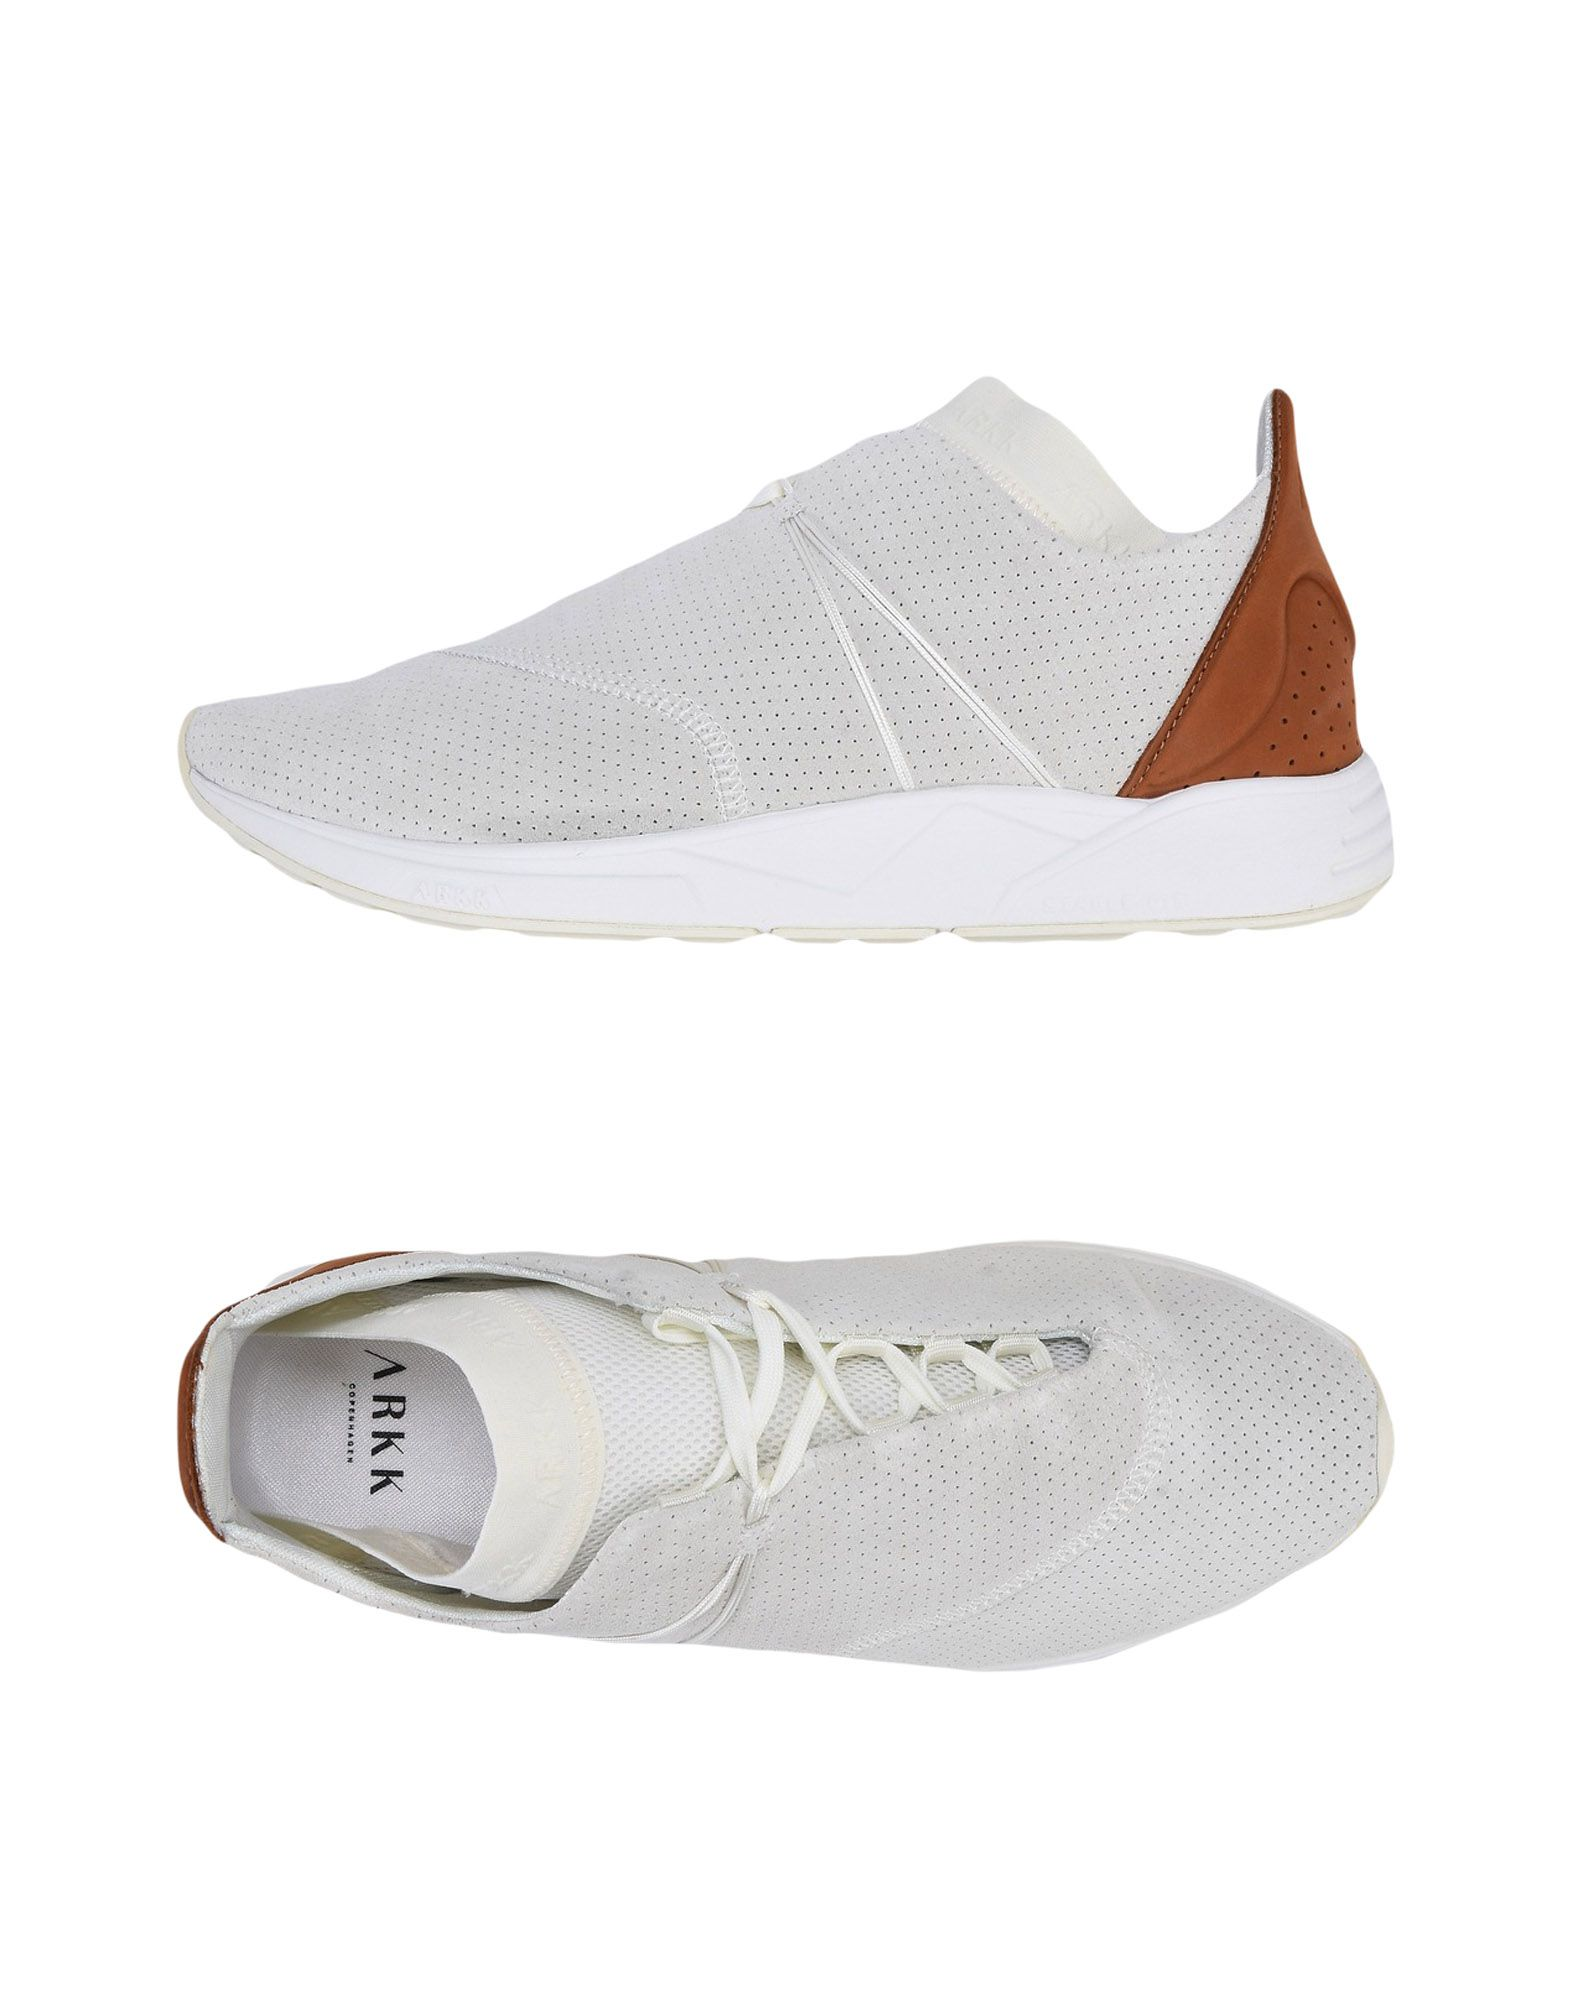 Arkk Copenhagen Eaglezero Suede S 11406291AW Gute Qualität beliebte Schuhe